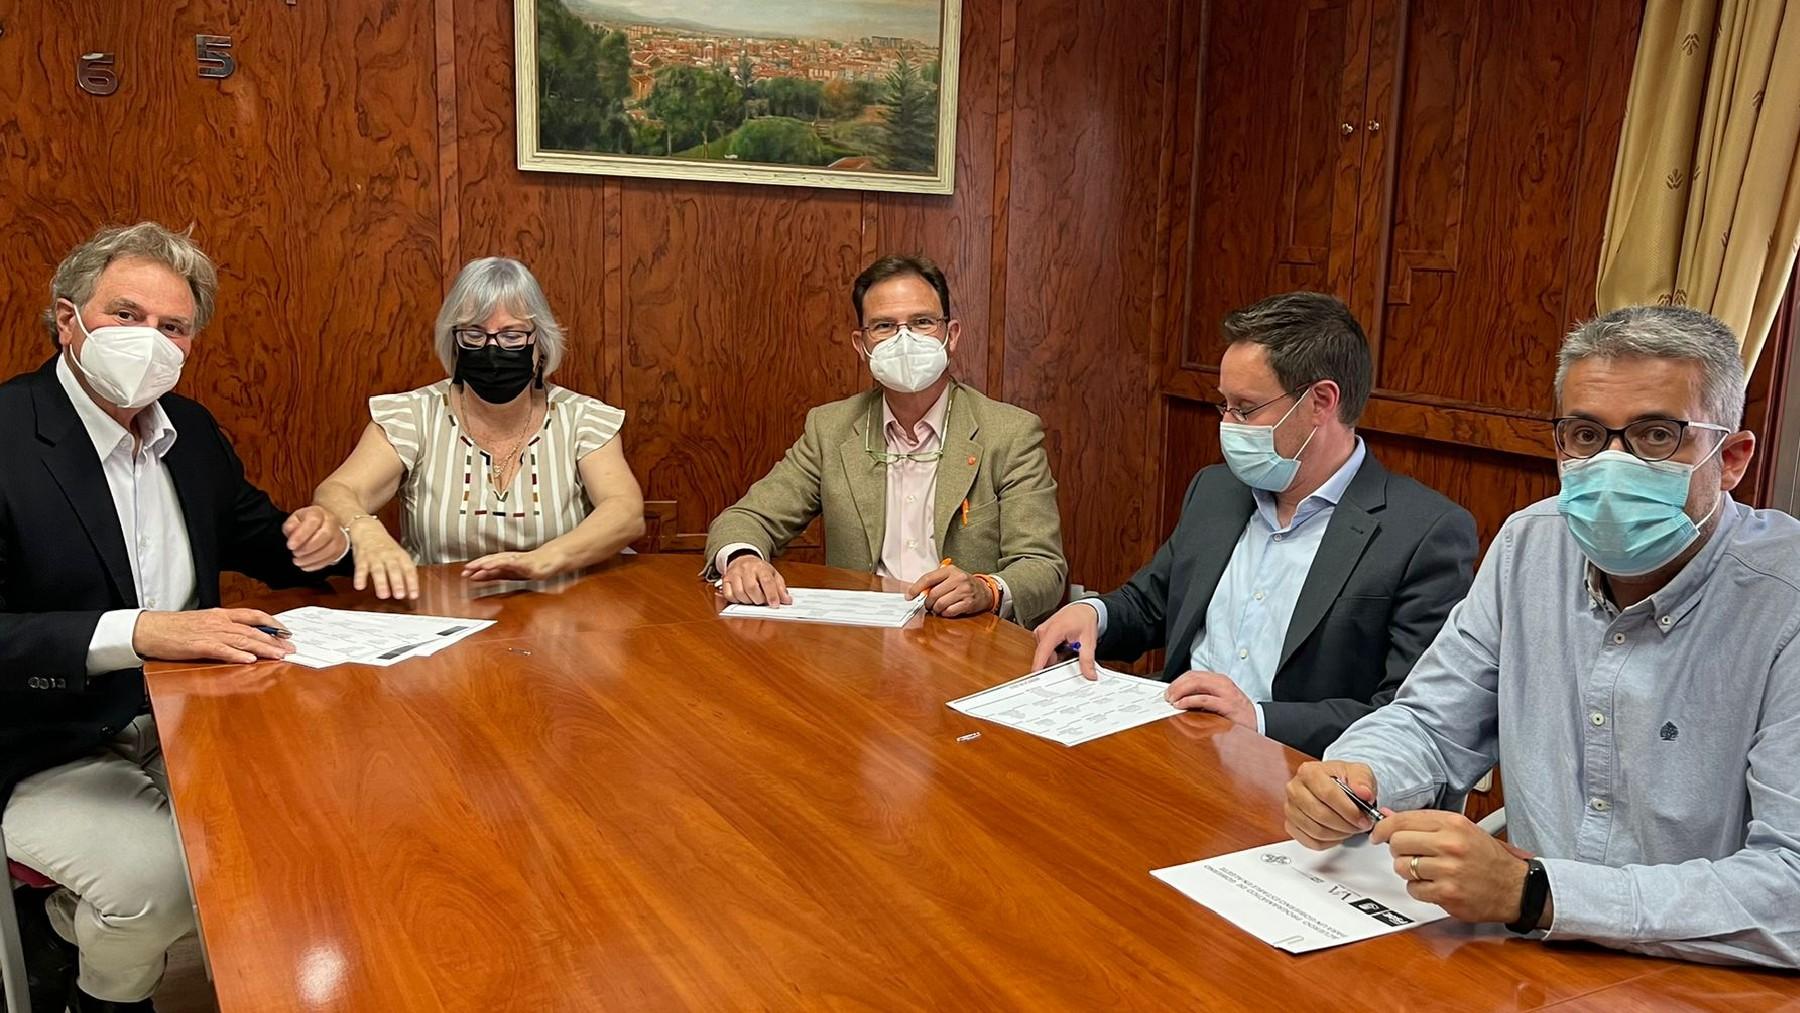 Jorge Martínez (centro), de Ciudadanos, firmando el acuerdo con PSOE, VxA y USD en Algete. (Foto: Ayto. Algete)